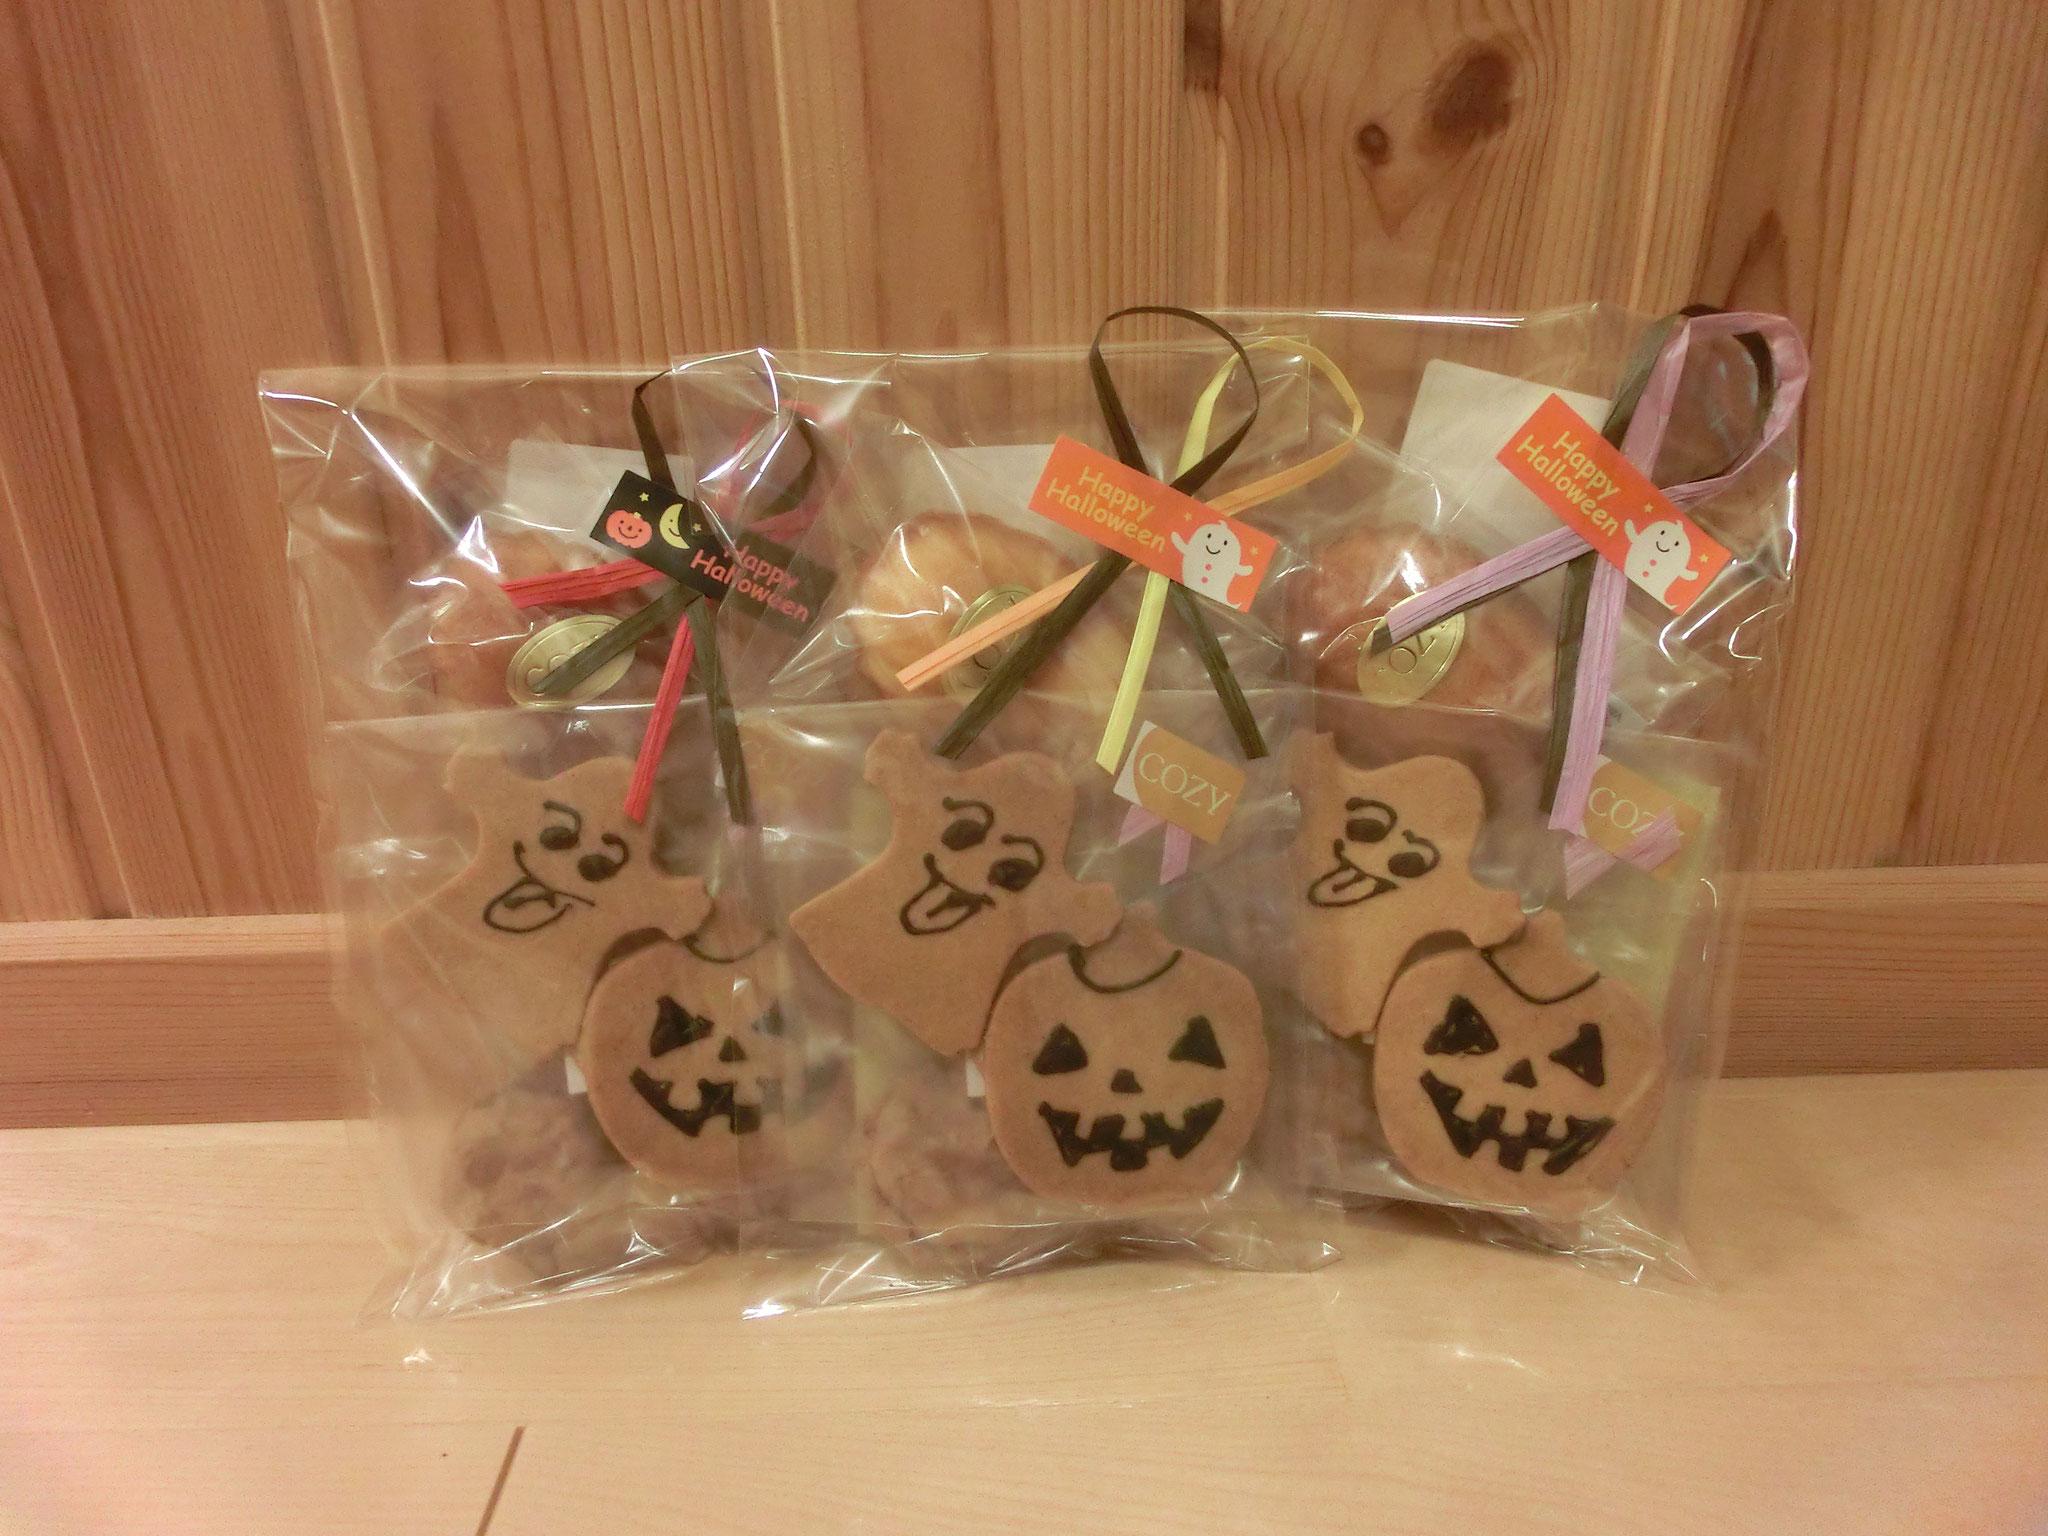 今回のご褒美はハロウィンのお菓子(^^) 岡山市にあるお菓子屋さん『COZY』で作って頂きました✩